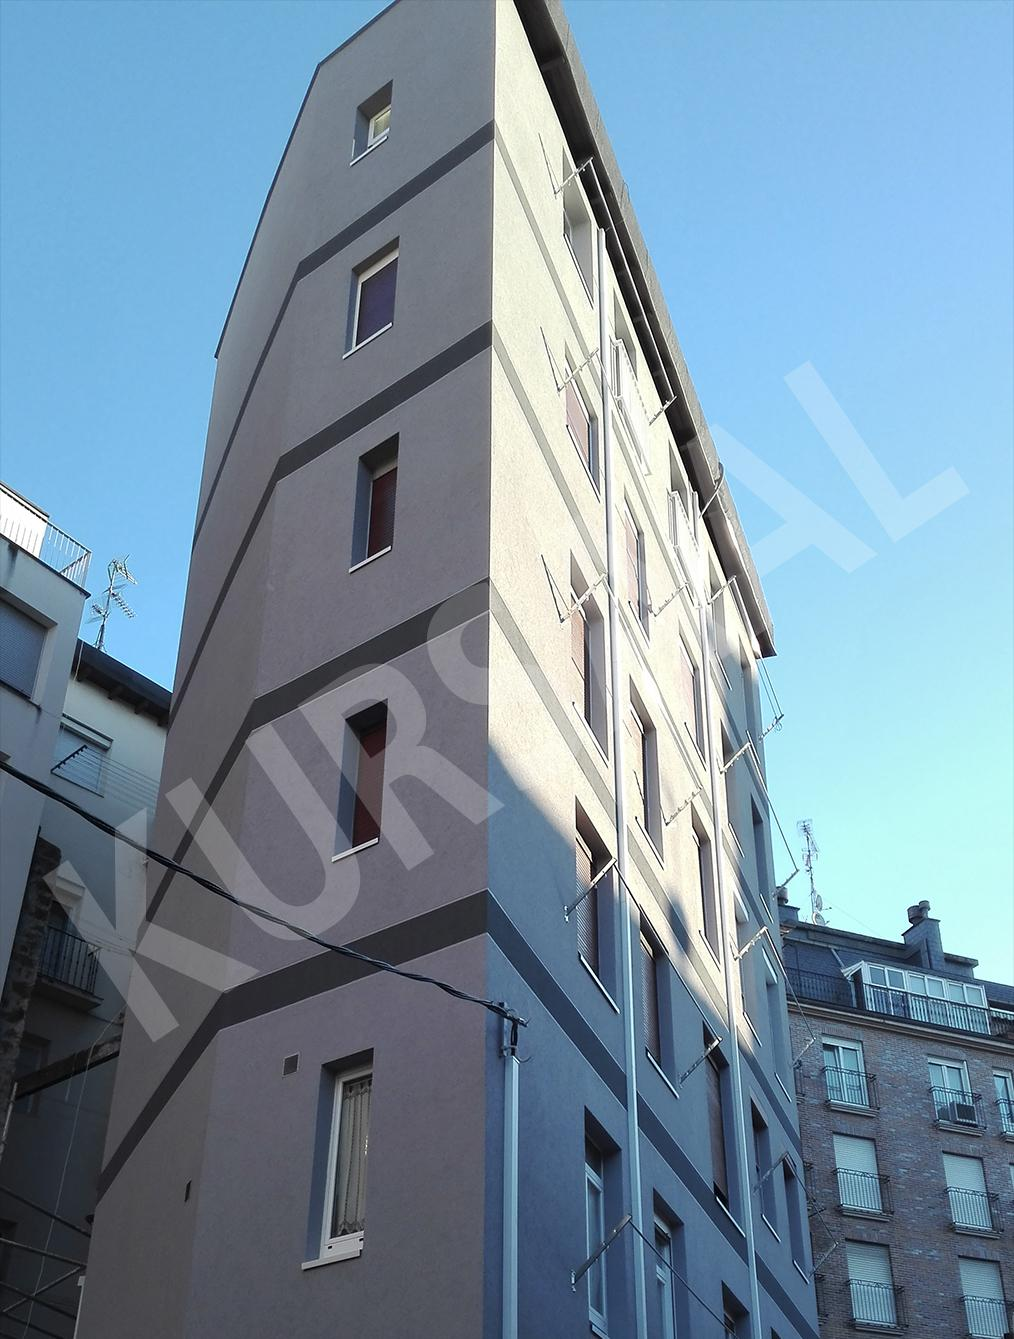 trabajo realizado en: Aislamientos Térmicos y Eficiencia Energética-SATE-DONOSTIA-Egia 24 BIS